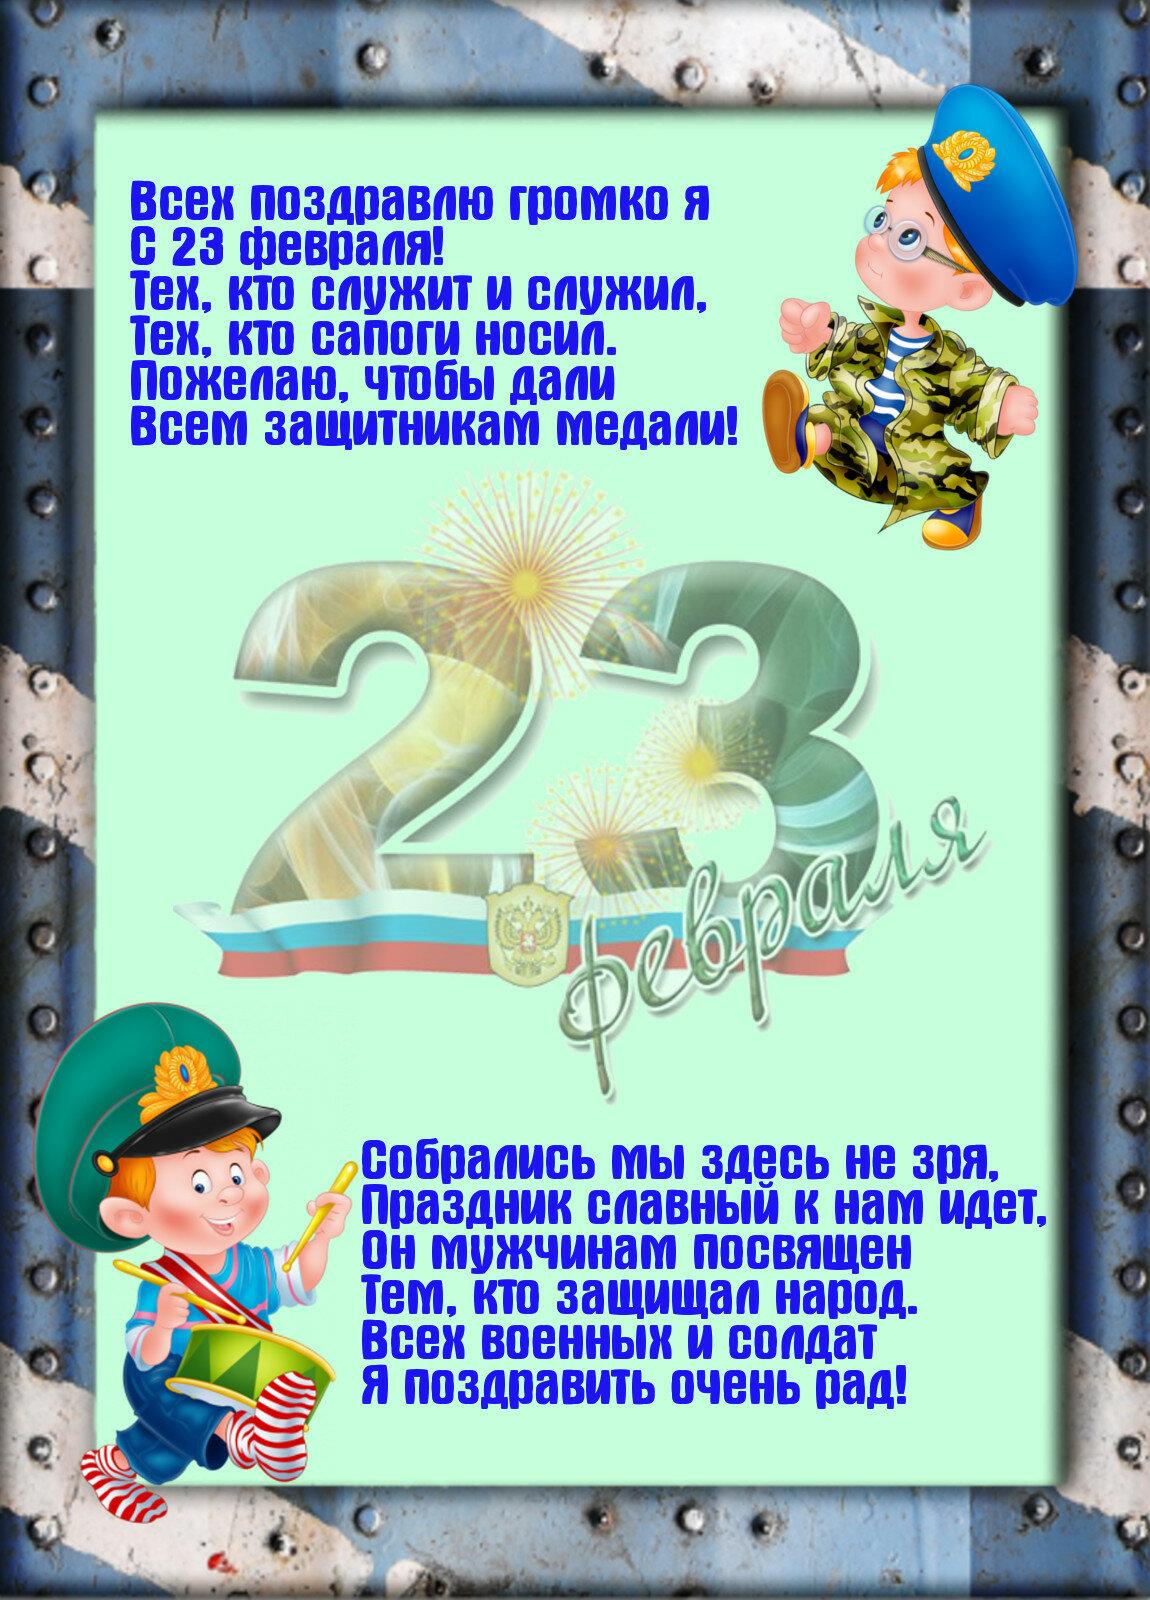 Поздравление родителей к 23 февраля